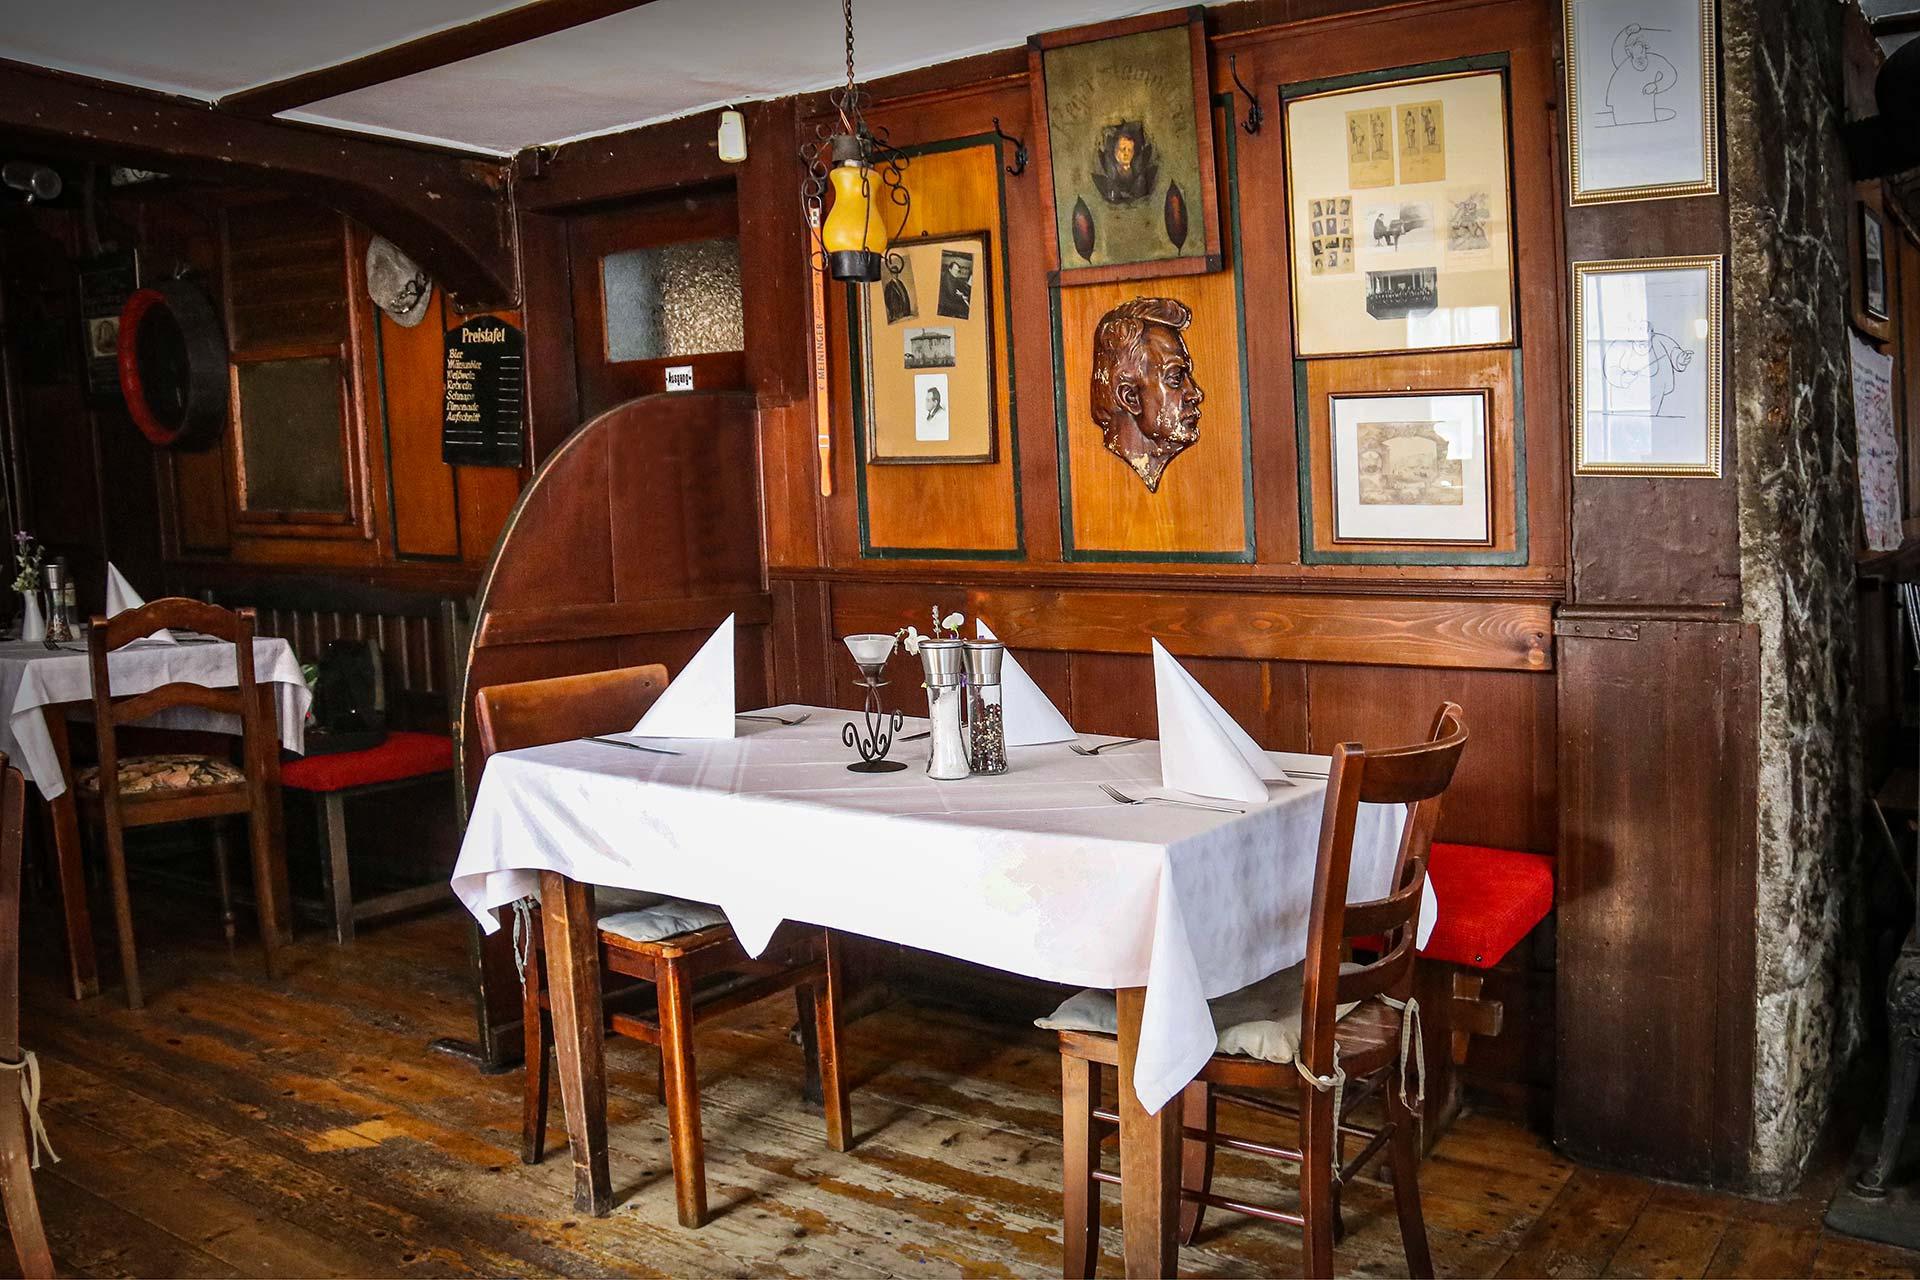 Restaurant - Max Reger Stammtisch